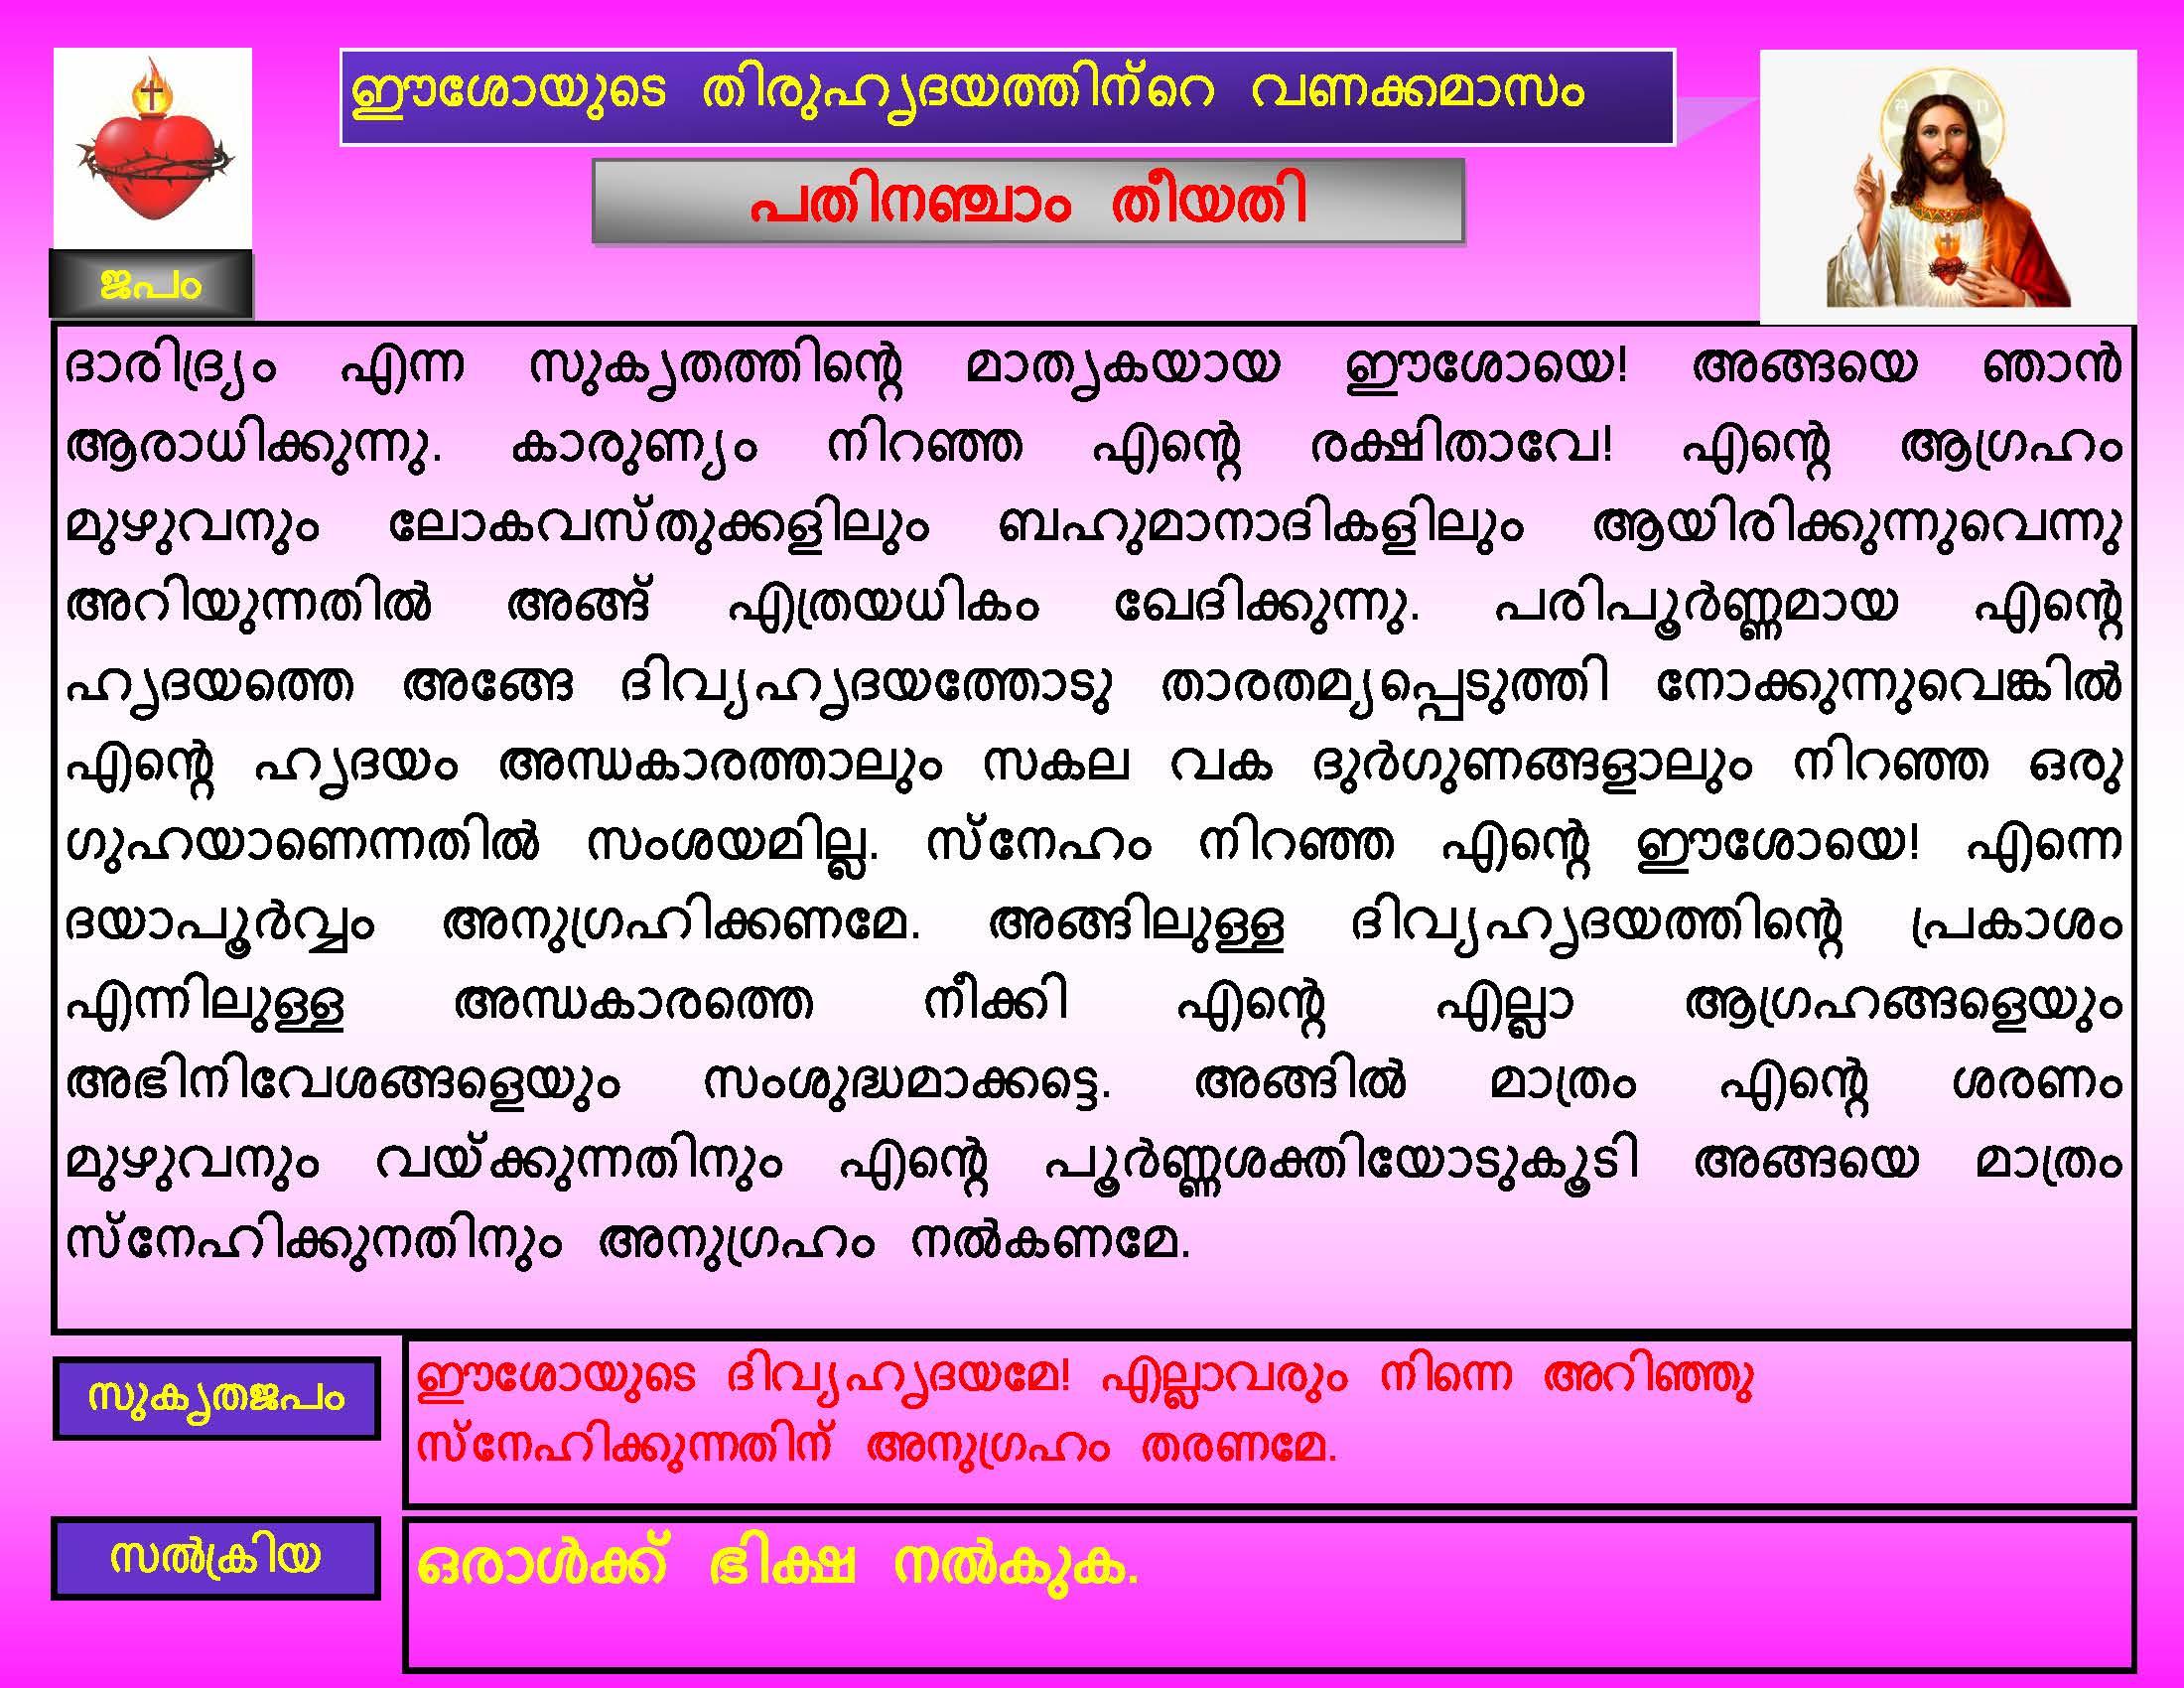 Thiruhrudaya Vanakkamasam - Day 15